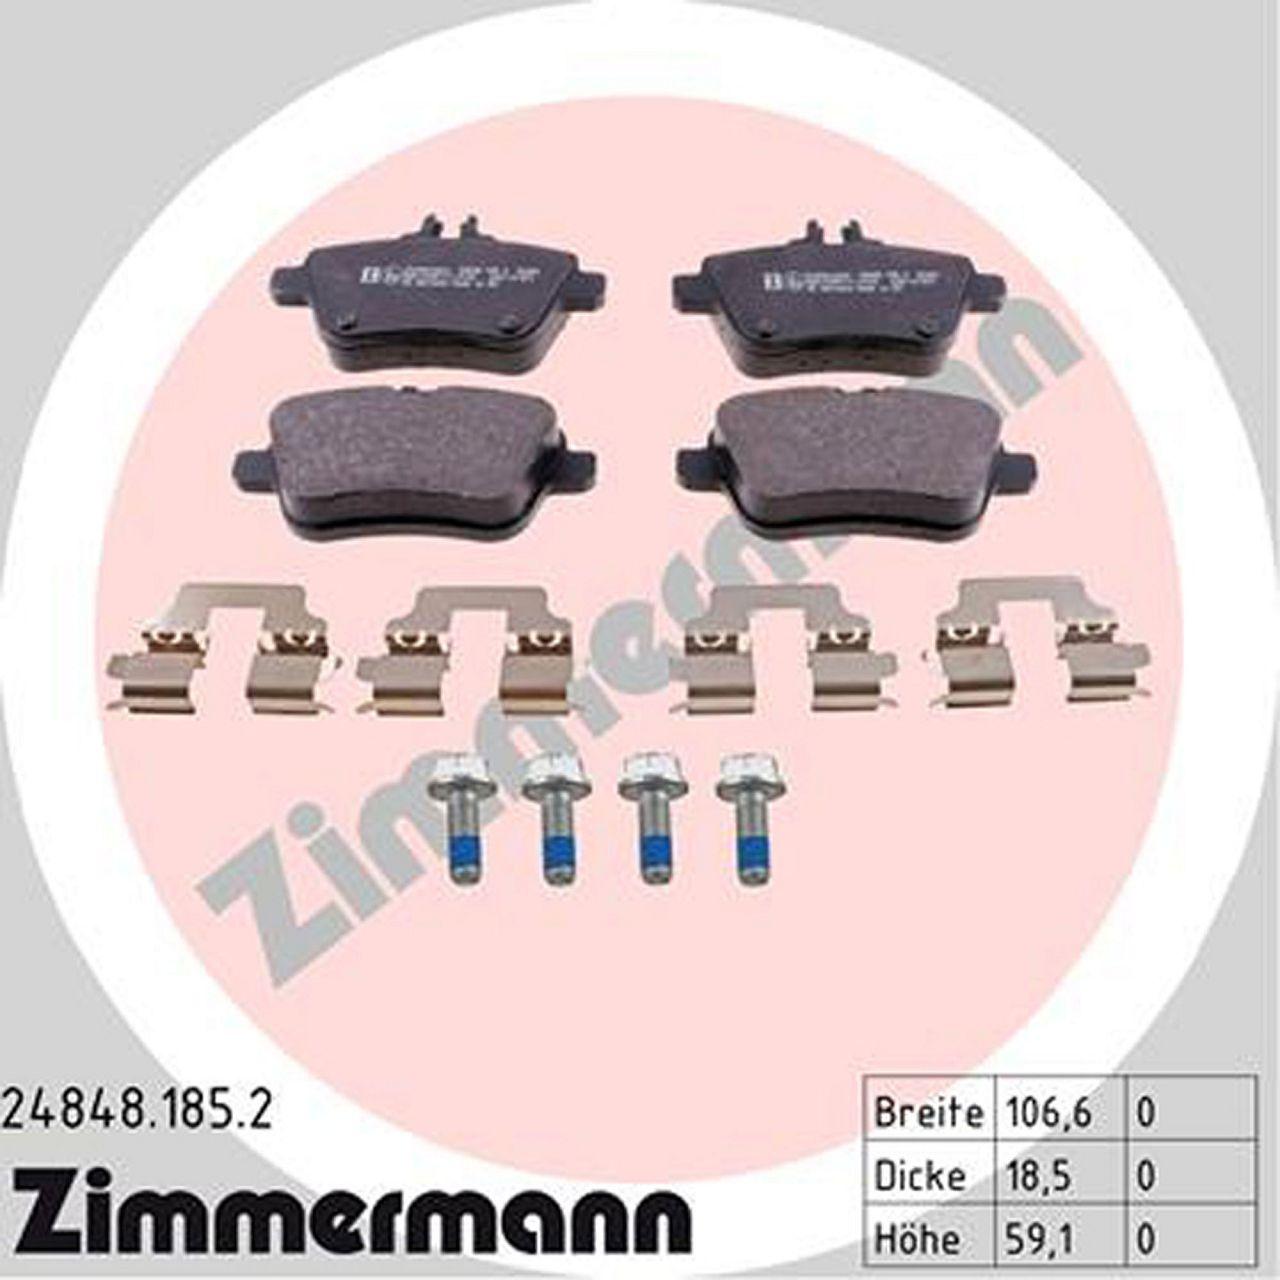 ZIMMERMANN Bremsen Bremsscheiben + Bremsbeläge für MERCEDES SLC SLK R172 hinten